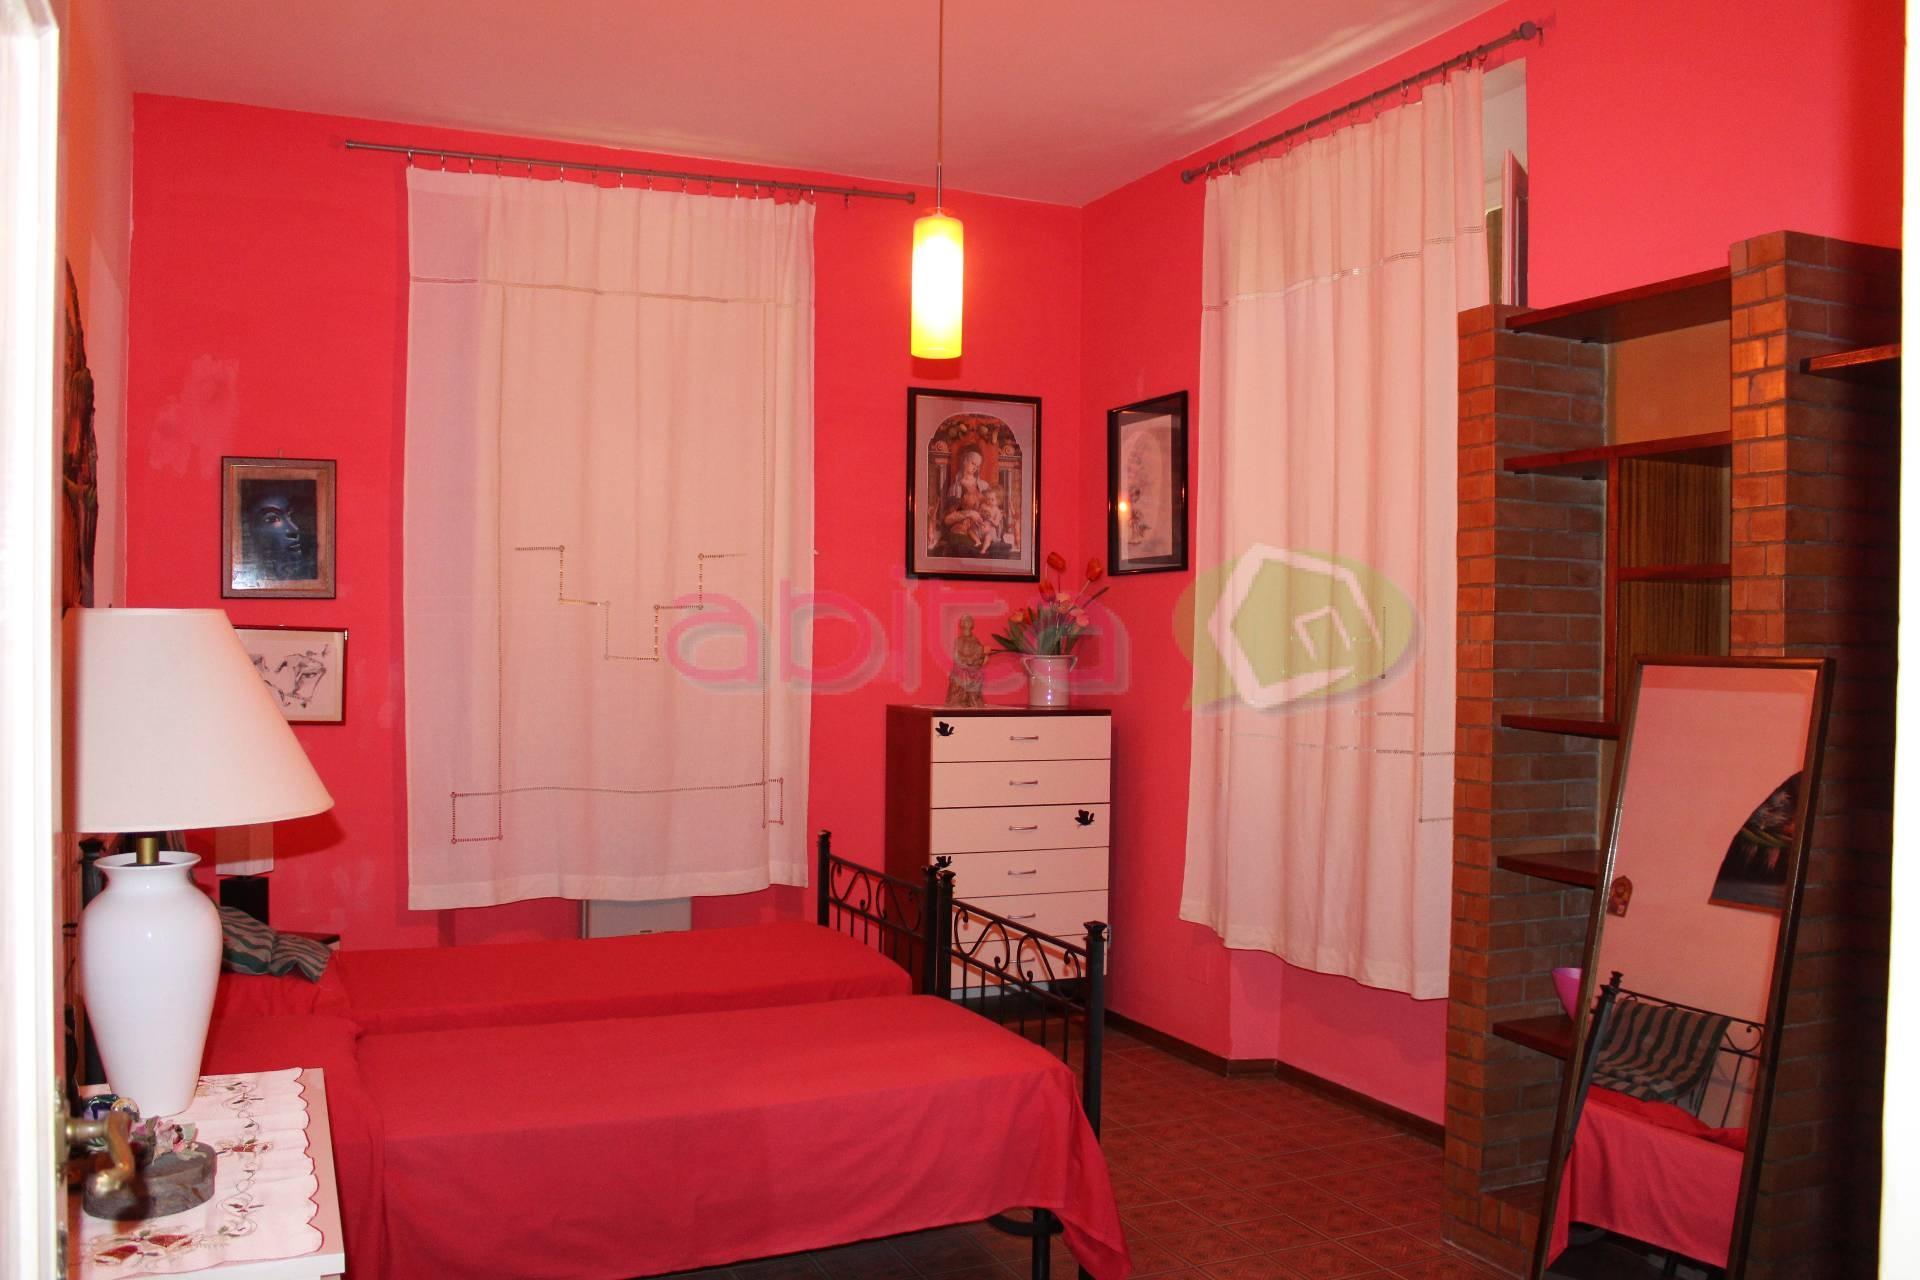 Appartamento in vendita a Castel di Lama, 3 locali, zona Località: CasteldiLamaBasso, prezzo € 70.000 | CambioCasa.it